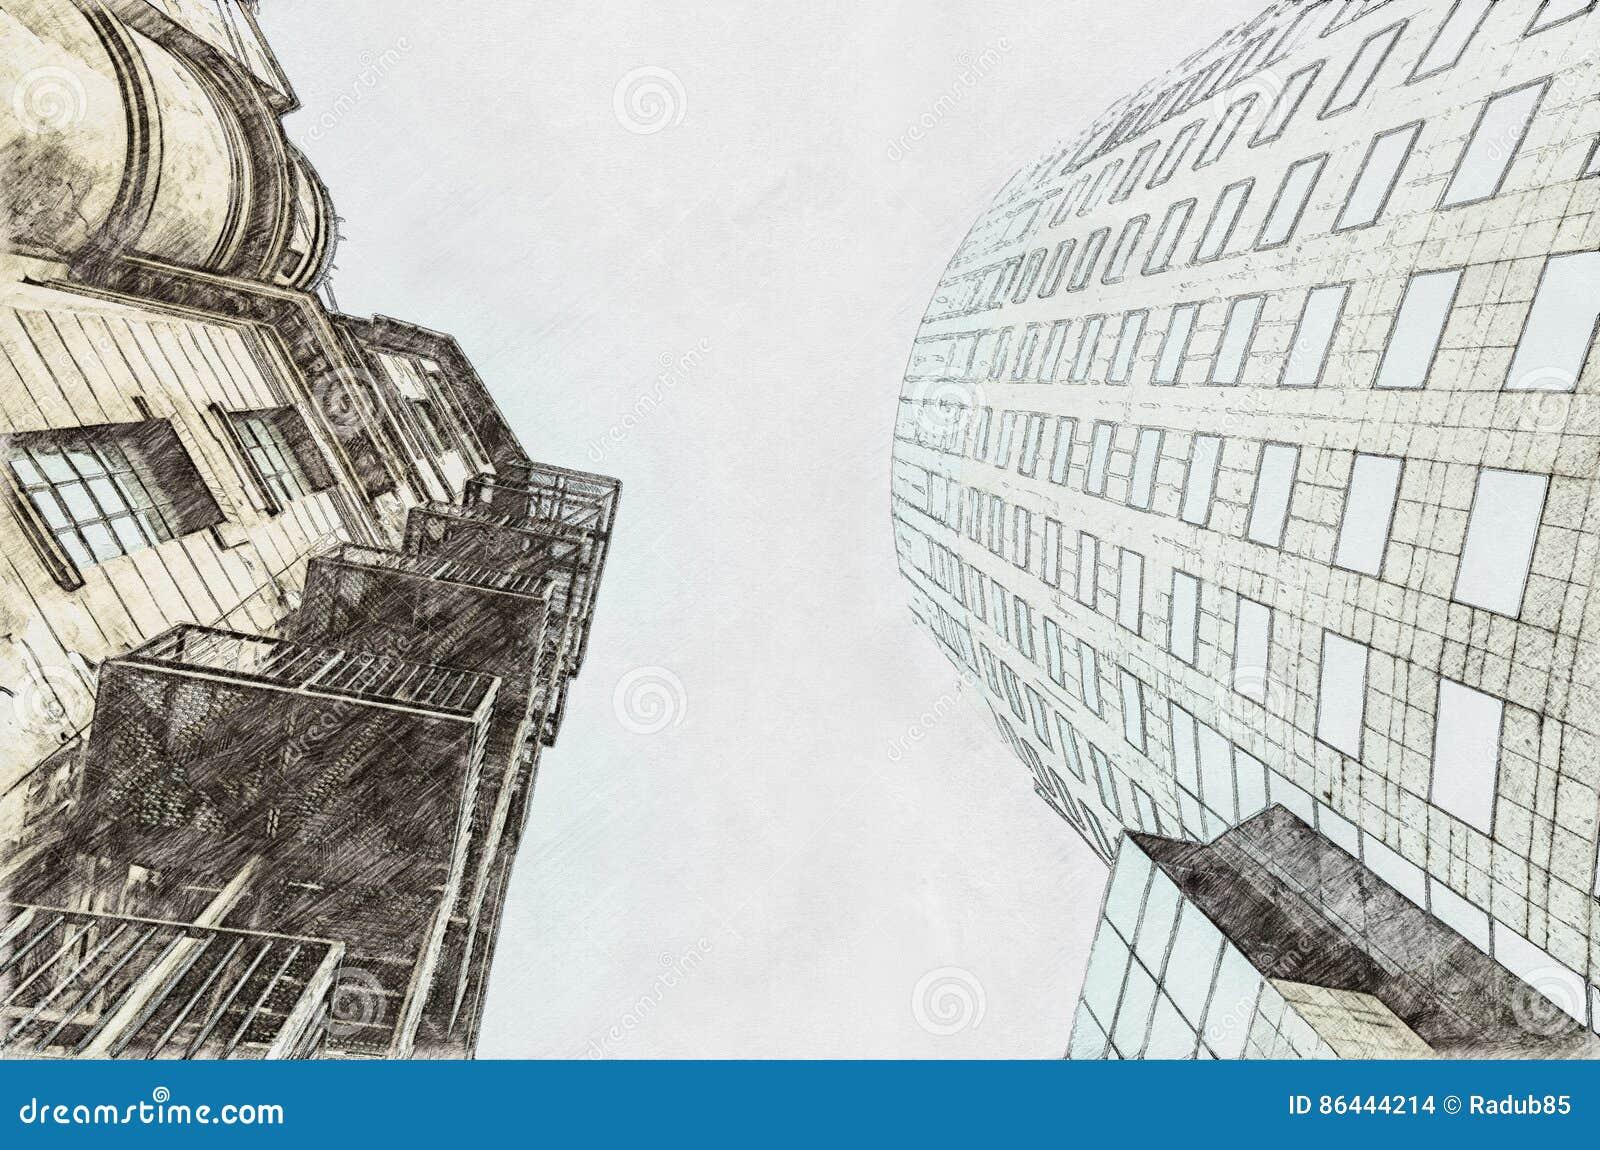 Σκίτσο αρχιτεκτονικής παλαιού εναντίον της νέας έννοιας